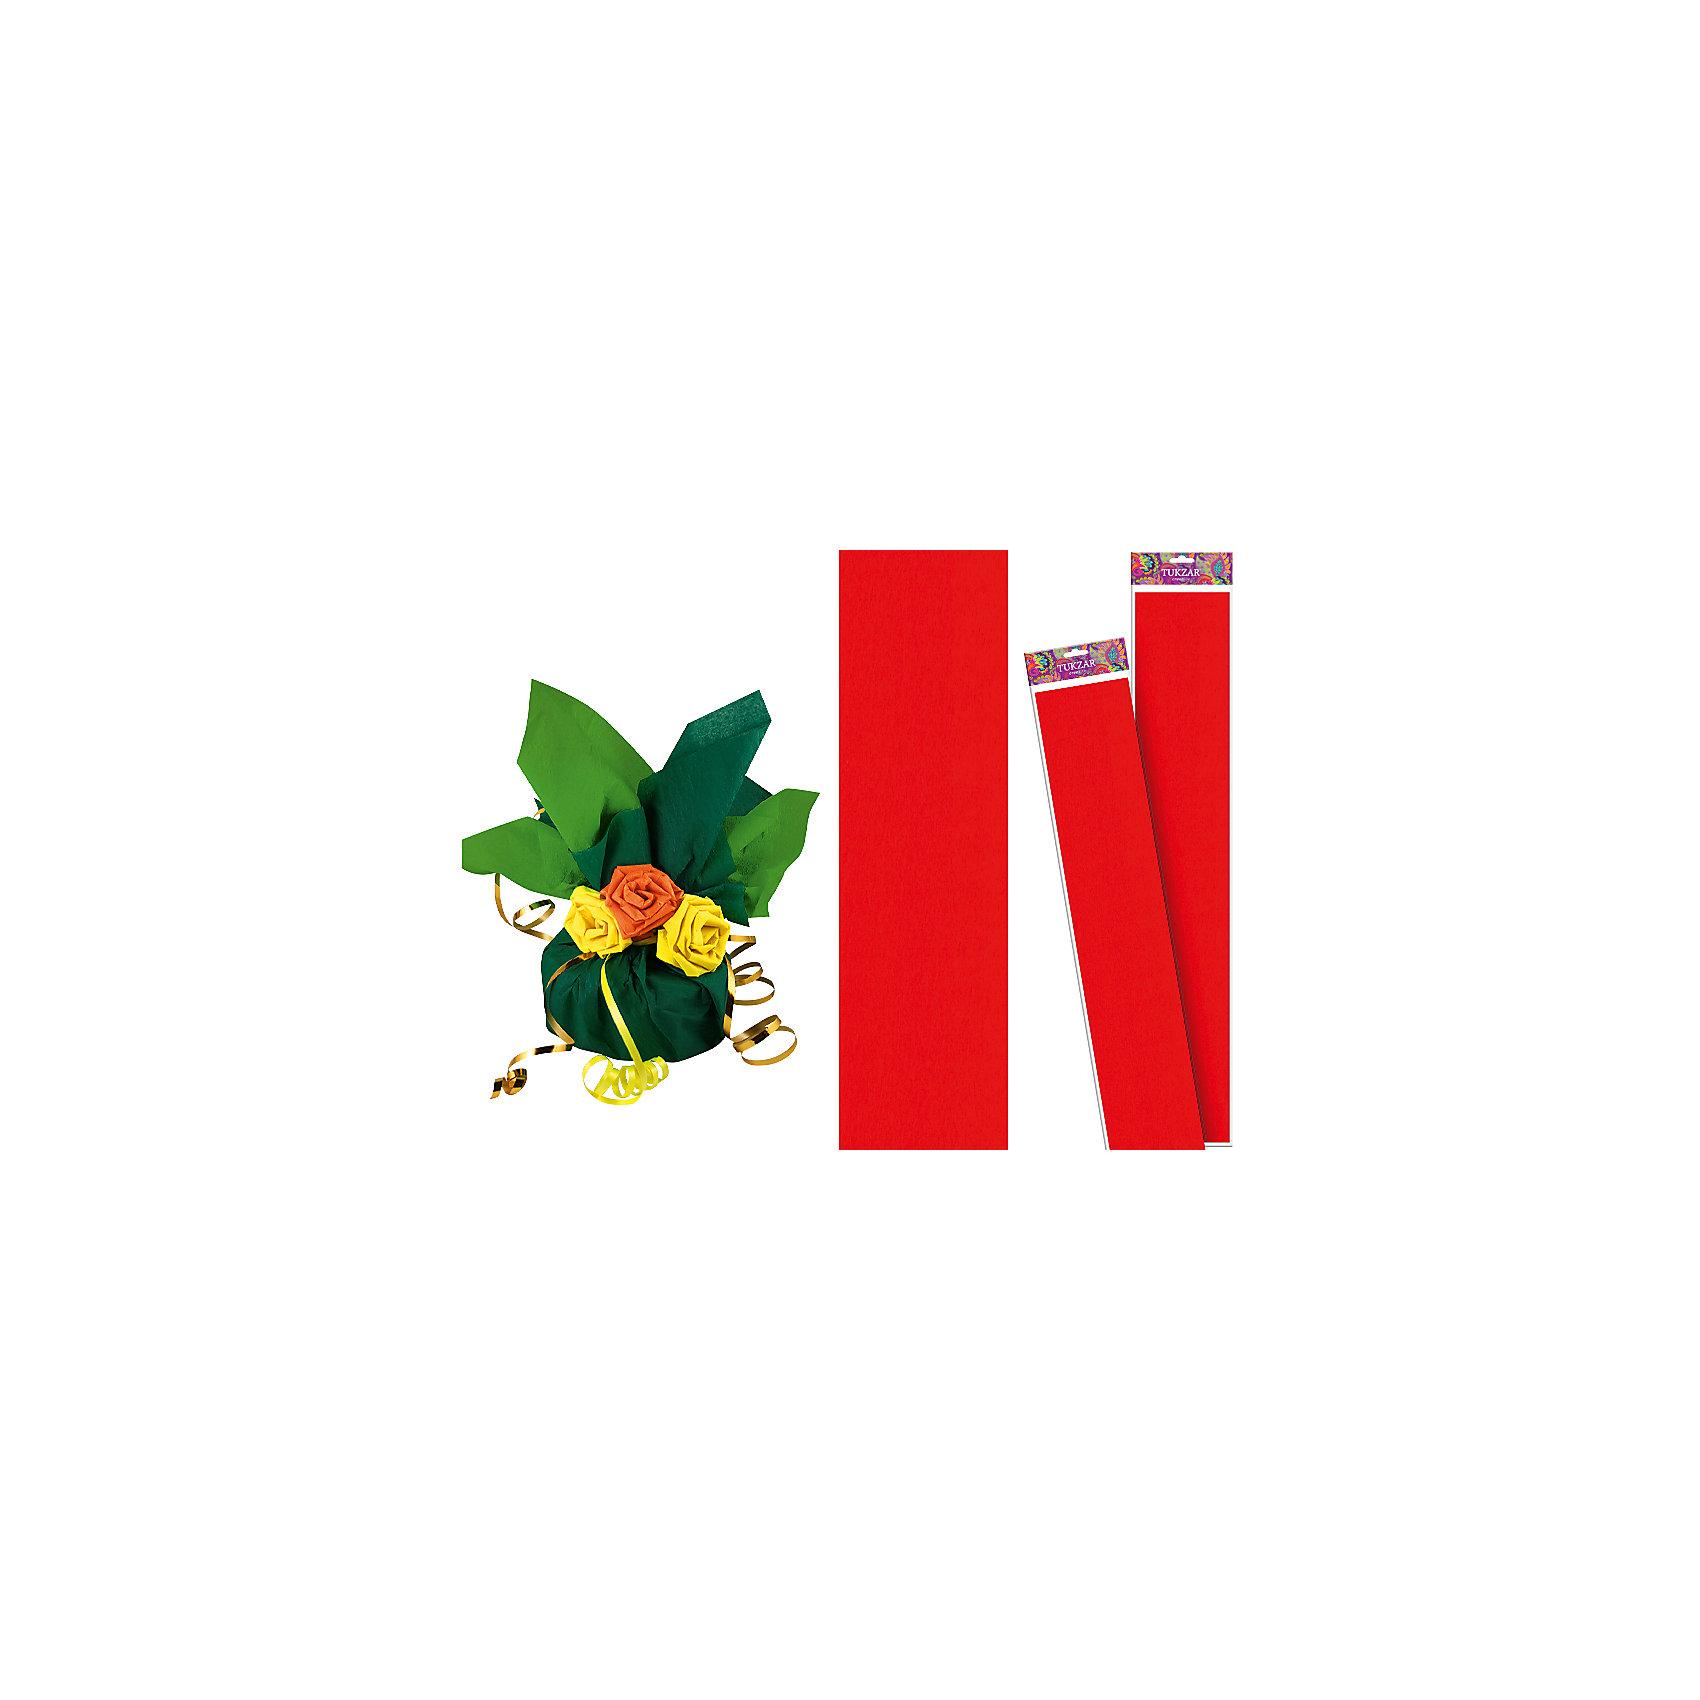 Красная крепированная бумага 50*250 смРукоделие<br>Красная крепированная бумага 50*250 см от известного торгового бренда канцелярских товаров и товаров для творчества TUKZAR. Крепированная бумага используется для изготовления различных поделок и аппликаций, наиболее часто данный вид бумаги применяют для изготовления цветов, которые отличаются высокой степенью достоверности, что обеспечивается за счет свойств данной бумаги: она имеет мелкое гофрирование, бархатистая на ощупь и влагостойкая. <br>Красная крепированная бумага 50*250 см от TUKZAR – идеально подходит для поделок и оформительских работ.  <br><br>Дополнительная информация:<br><br>- Предназначение: для творческих занятий и оформительских работ <br>- Материал: бумага<br>- Размеры (Ш*Д): 50*250 см<br>- Цвет: красный<br>- Упаковка: блистер<br><br>Подробнее:<br><br>• Для детей в возрасте: от 3 лет <br>• Страна производитель: Китай<br>• Торговый бренд: TUKZAR<br><br>Красную крепированную бумагу 50*250 см можно купить в нашем интернет-магазине.<br><br>Ширина мм: 500<br>Глубина мм: 50<br>Высота мм: 50<br>Вес г: 100<br>Возраст от месяцев: 36<br>Возраст до месяцев: 192<br>Пол: Унисекс<br>Возраст: Детский<br>SKU: 5001380